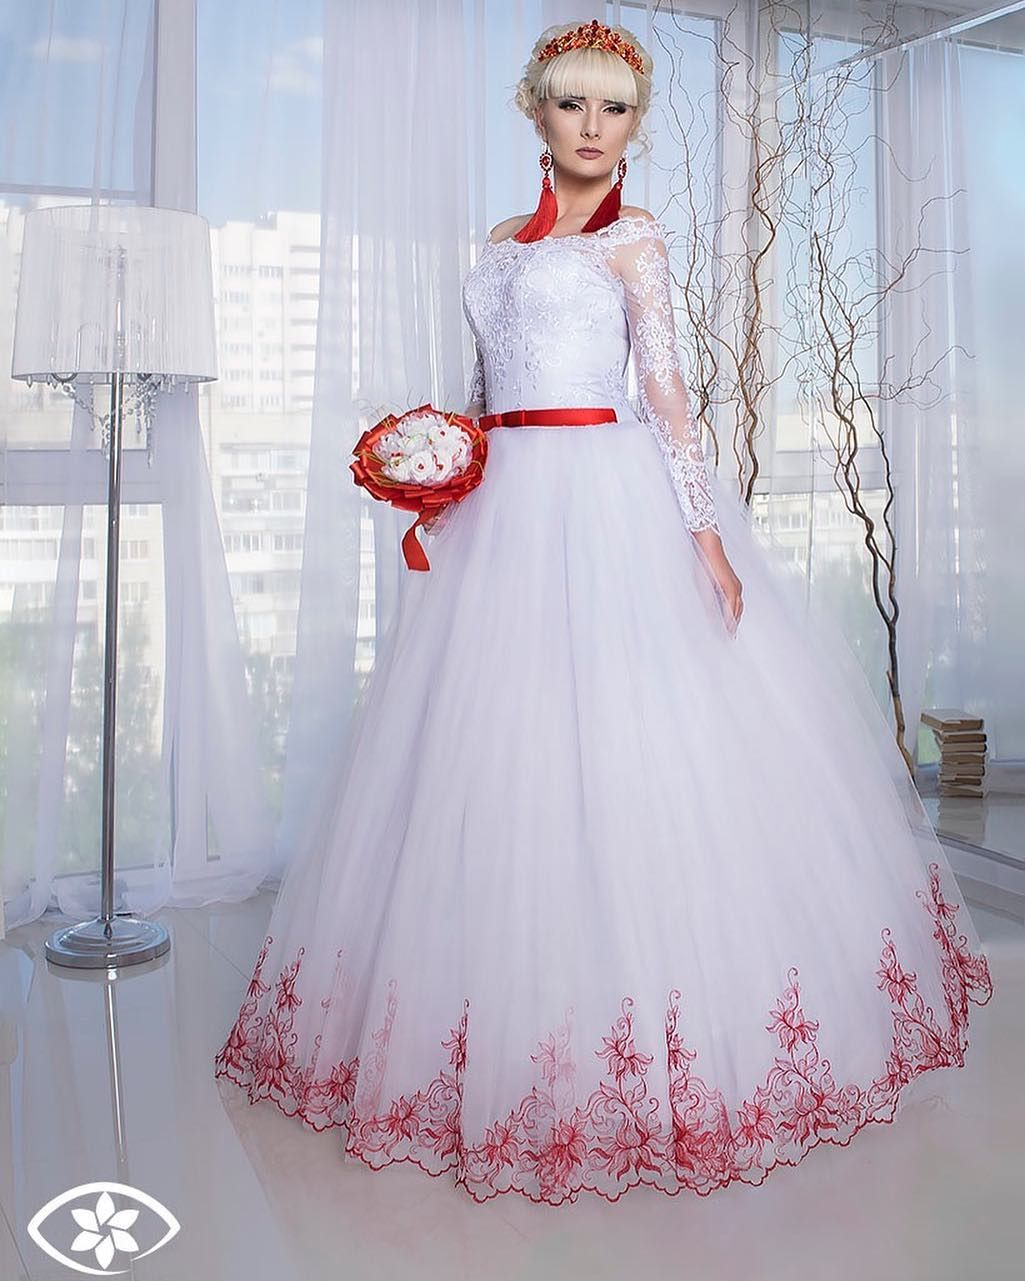 Работа моделью свадебных платьев работа девушкам в балашове